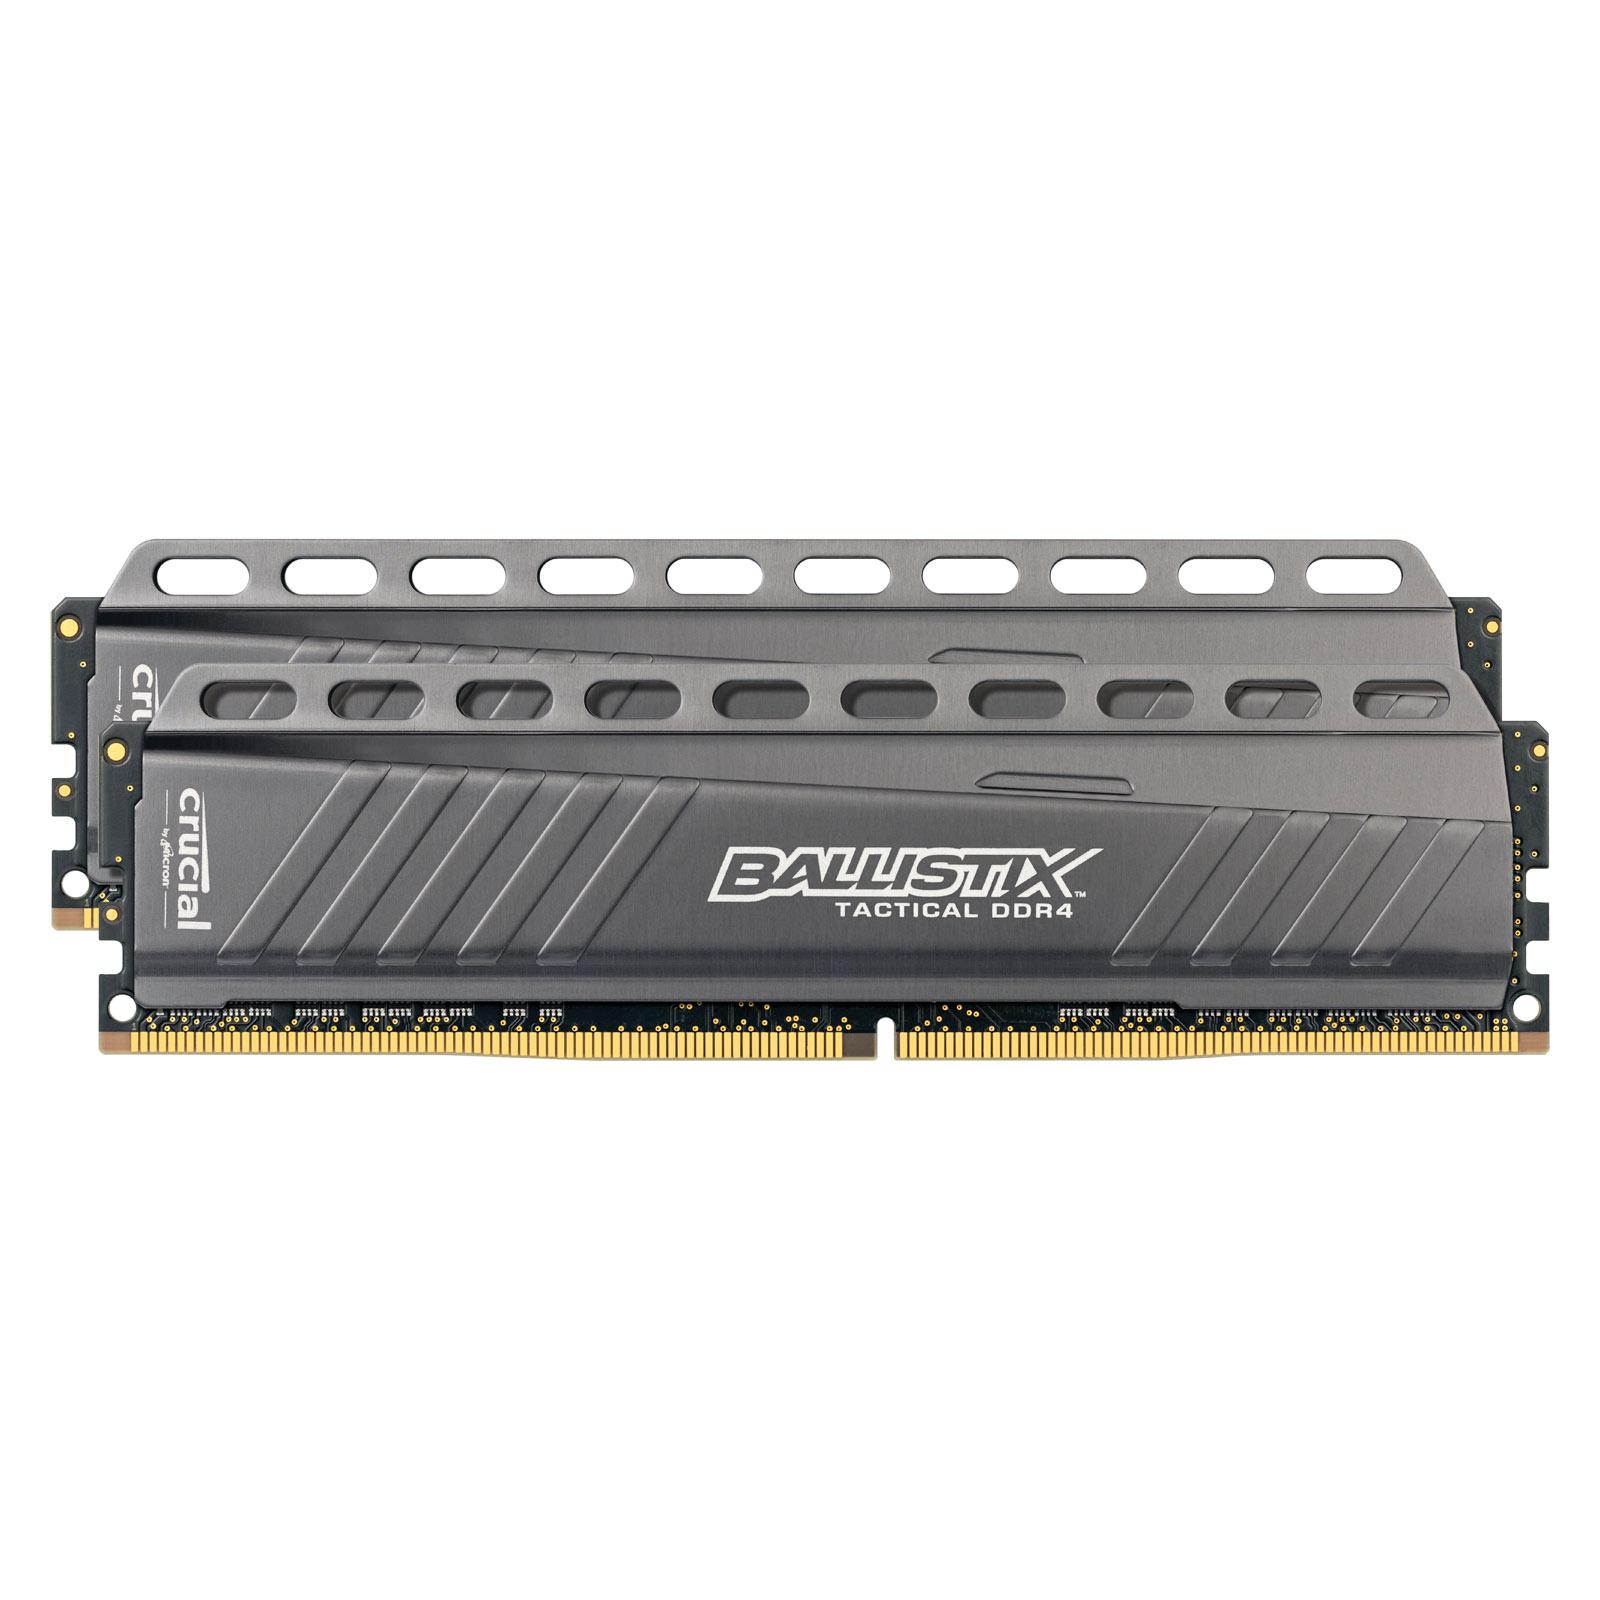 Ballistix BLT2C8G4D26AFTA (2x8Go DDR4 2666 PC21300) (BLT2C8G4D26AFTA soldé) - Achat / Vente Mémoire PC sur Cybertek.fr - 0